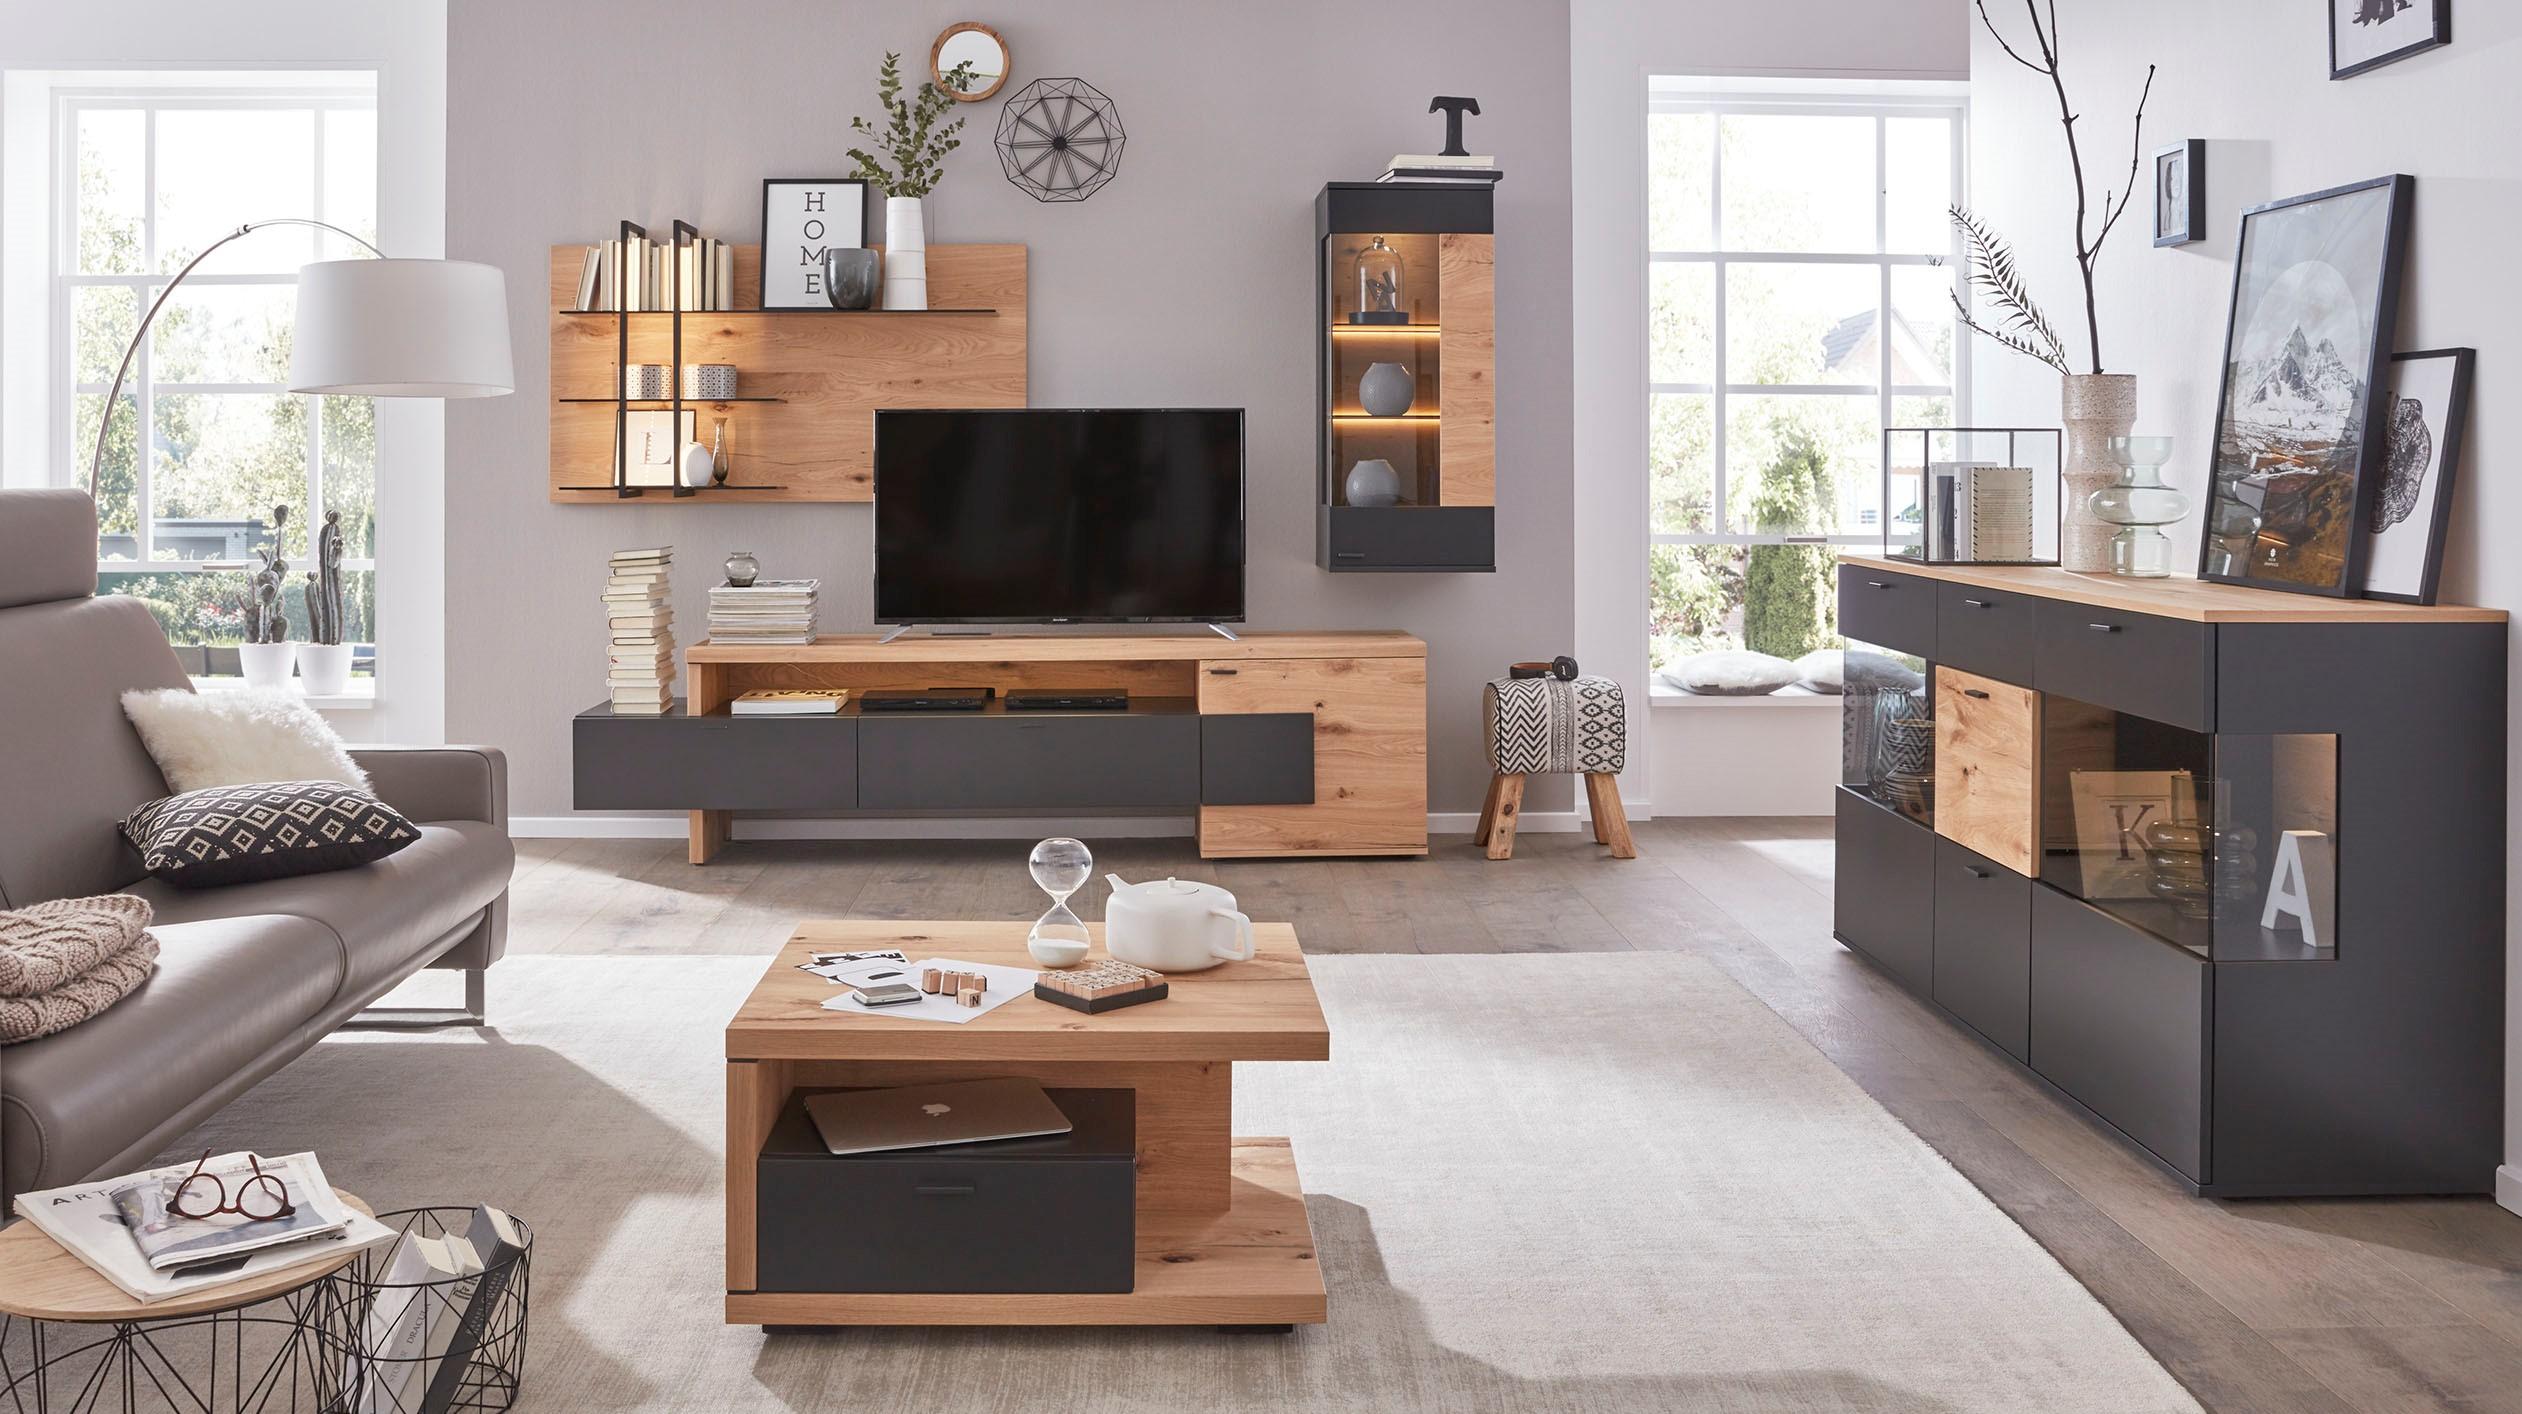 Interliving Wohnzimmer Serie 5 - Interliving